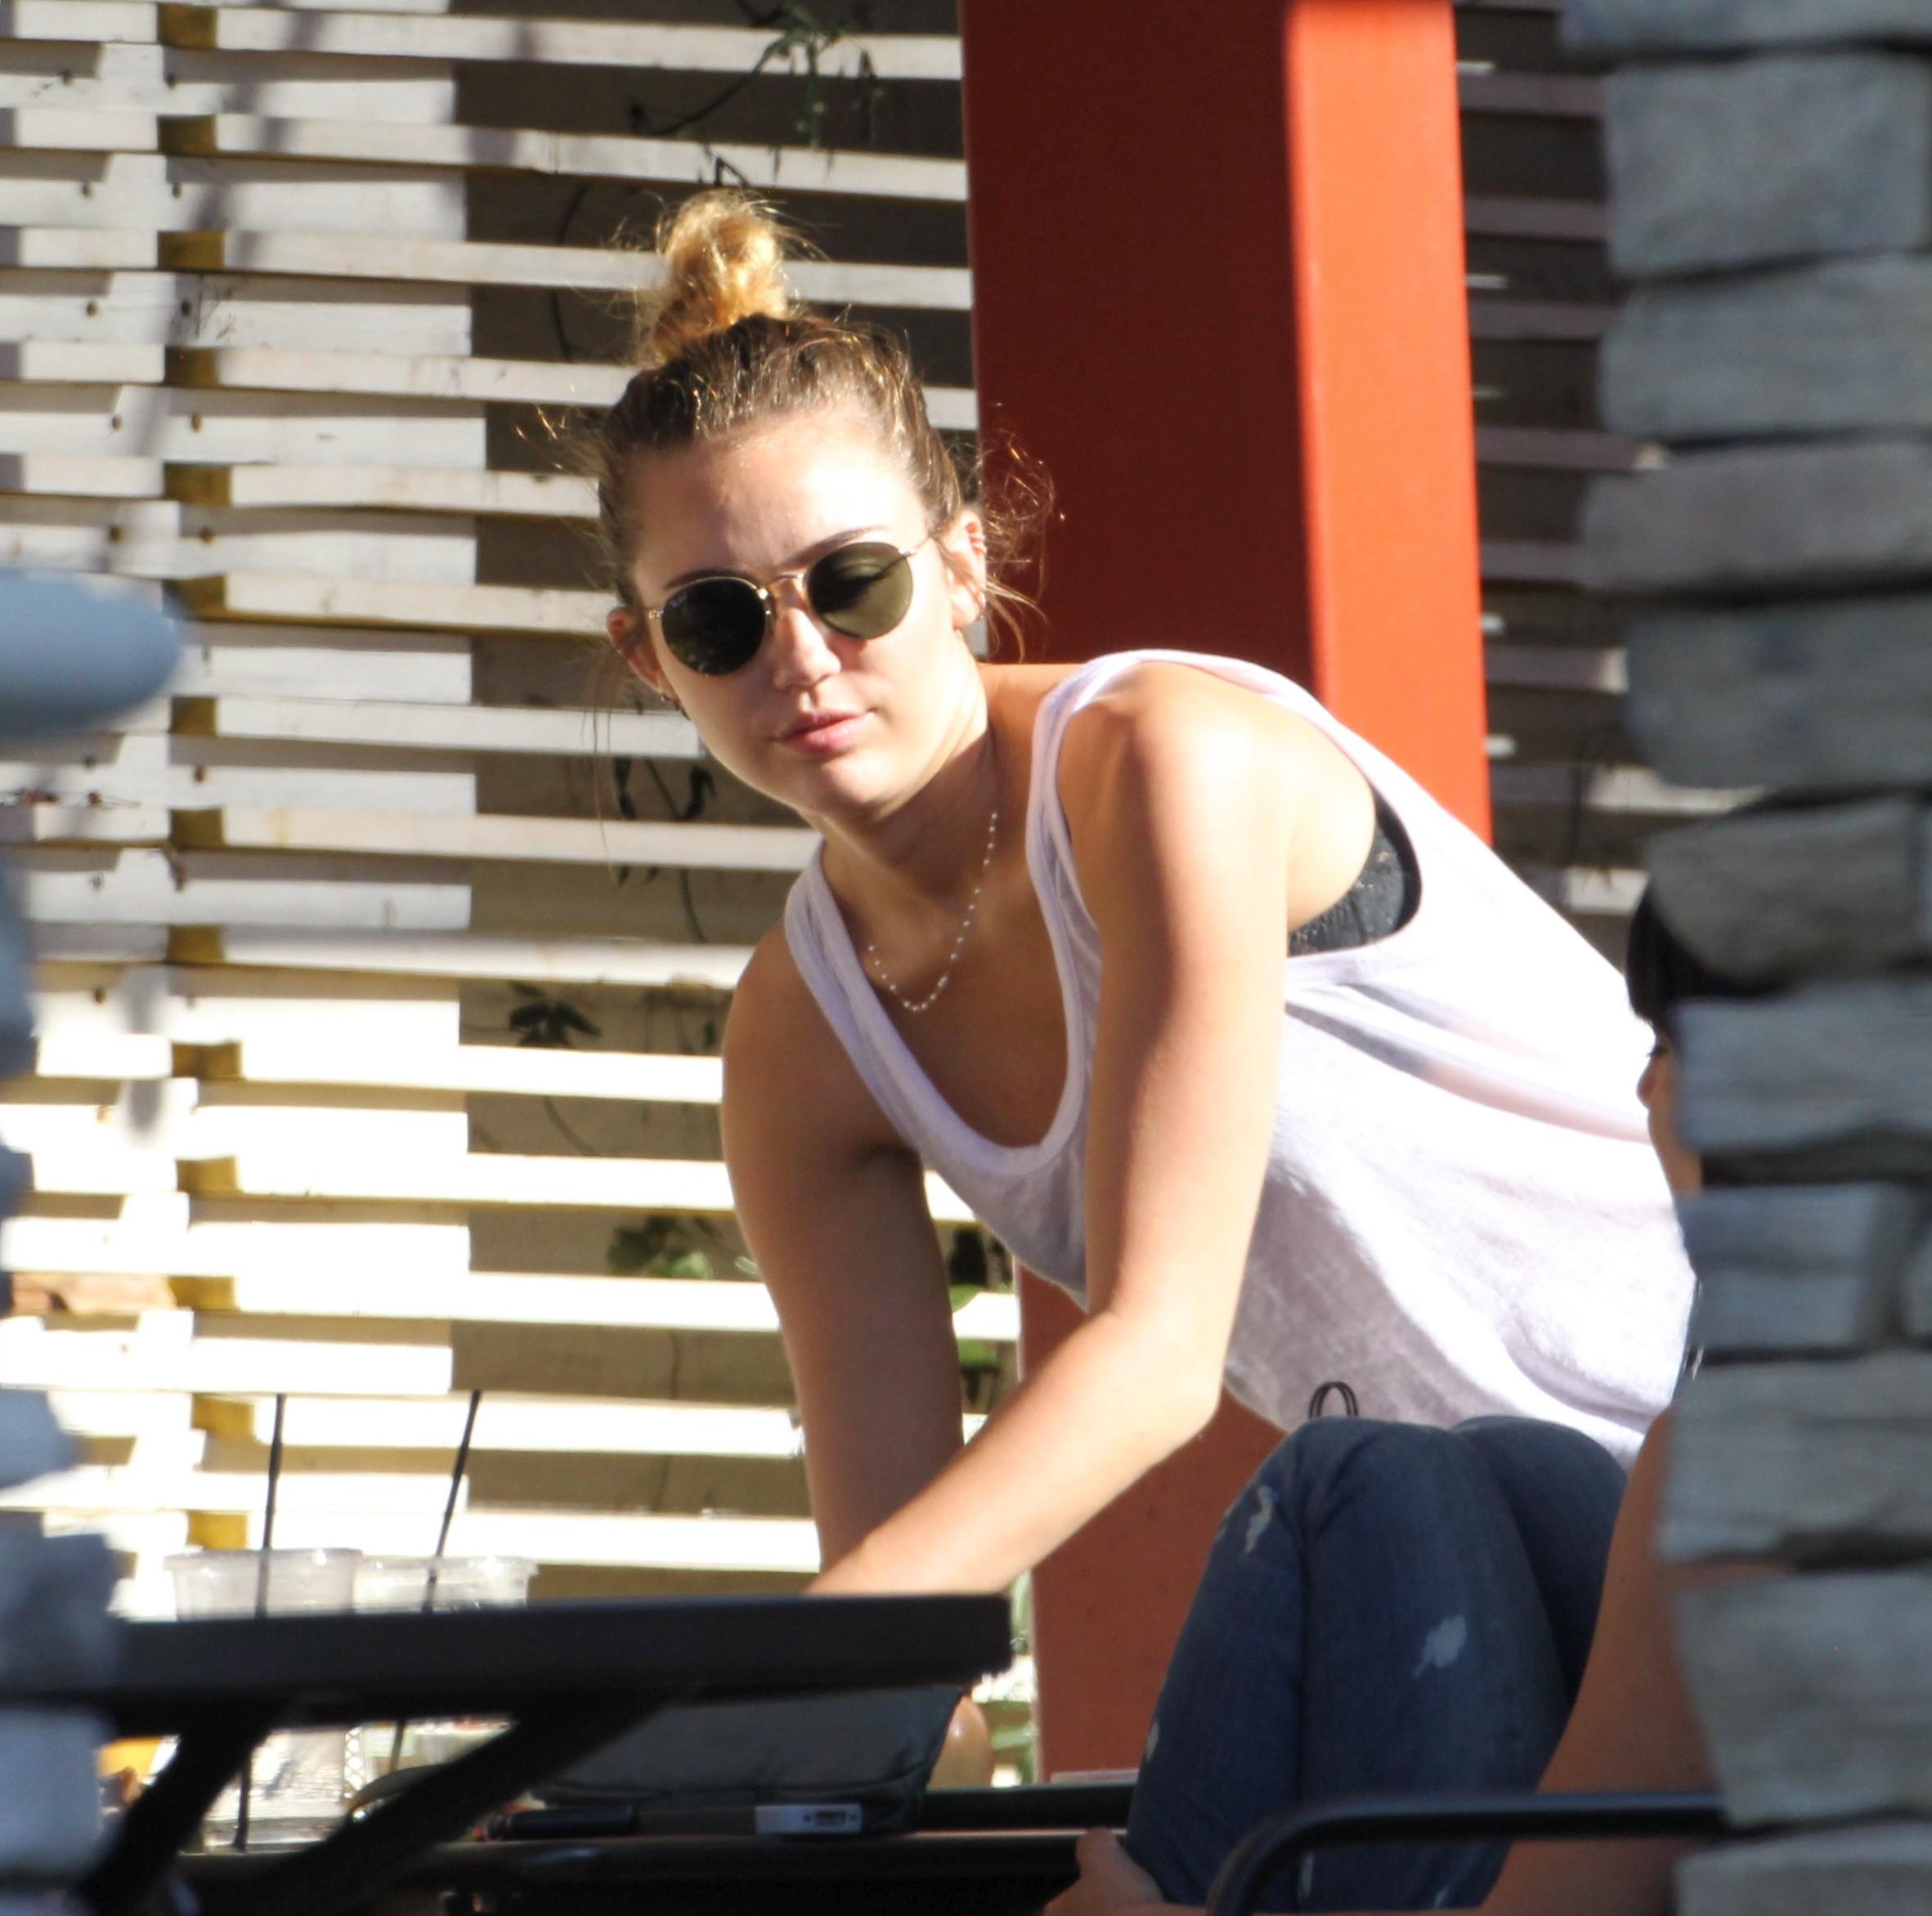 29361_Miley11_123_450lo.jpg